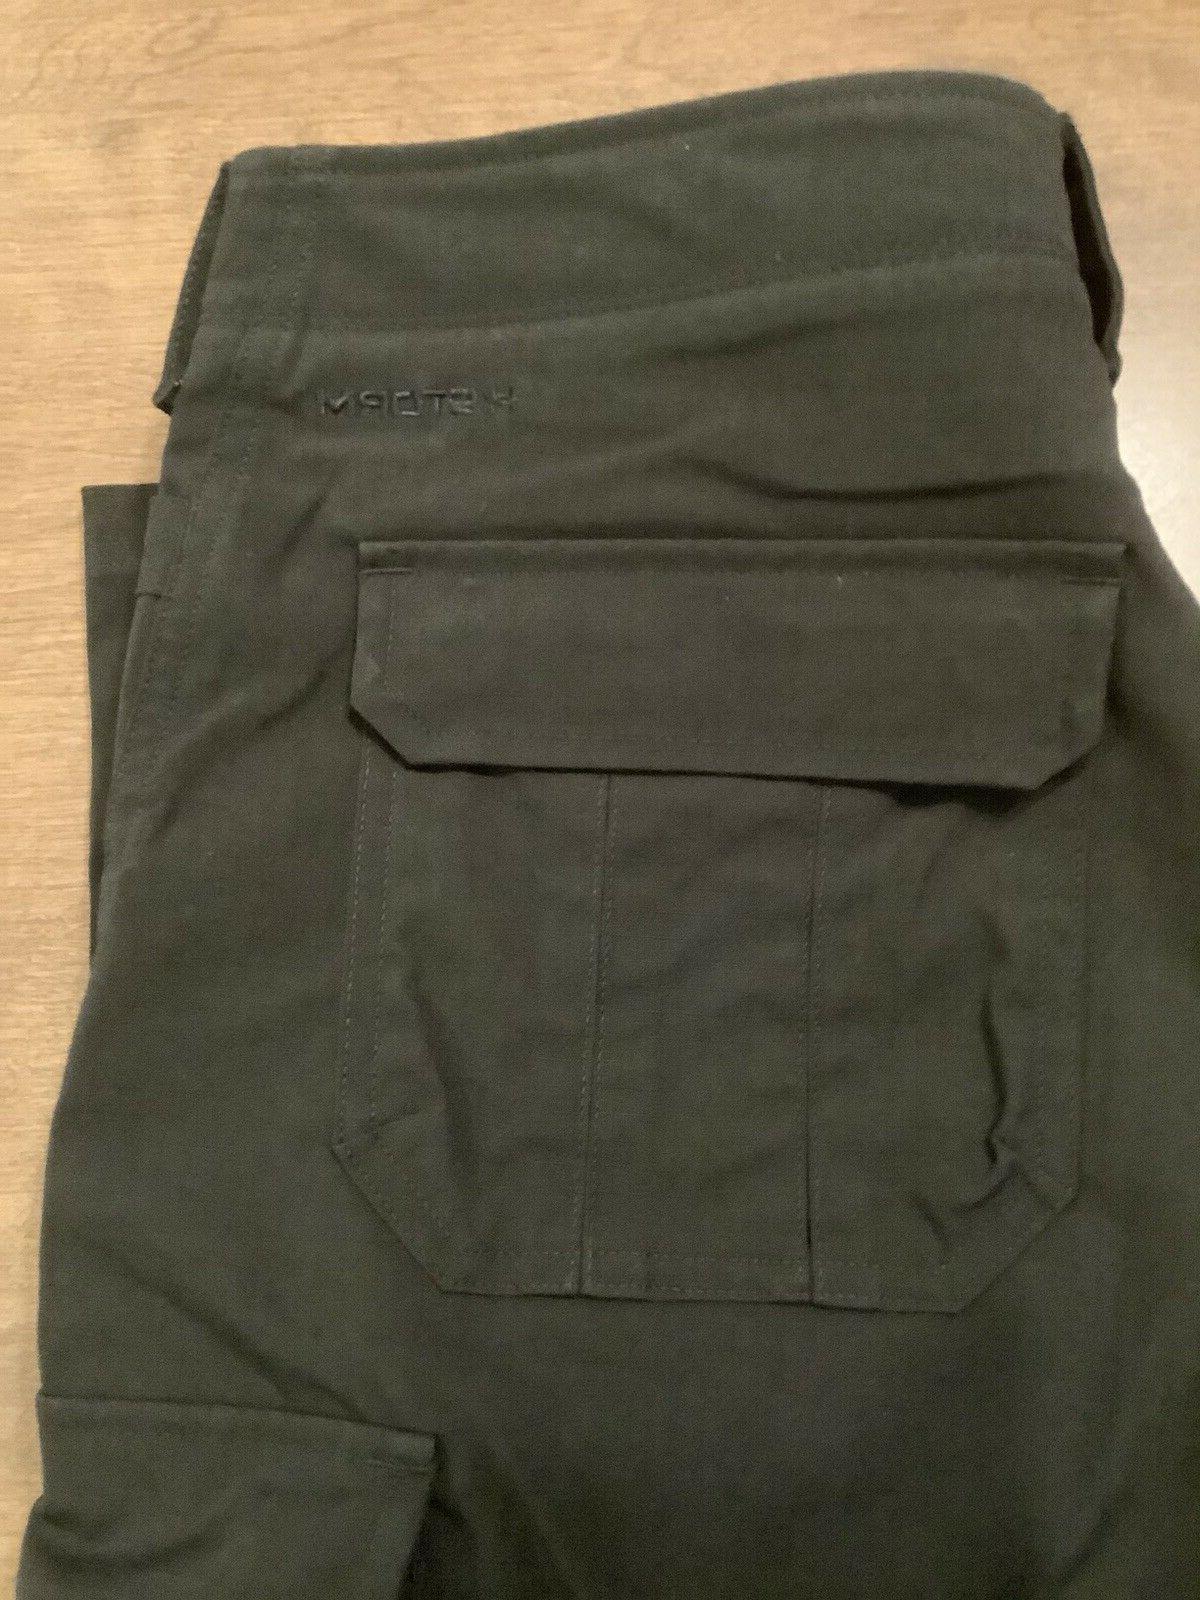 Under Storm Tactical Pants 1265491 Black 40x32 NWT